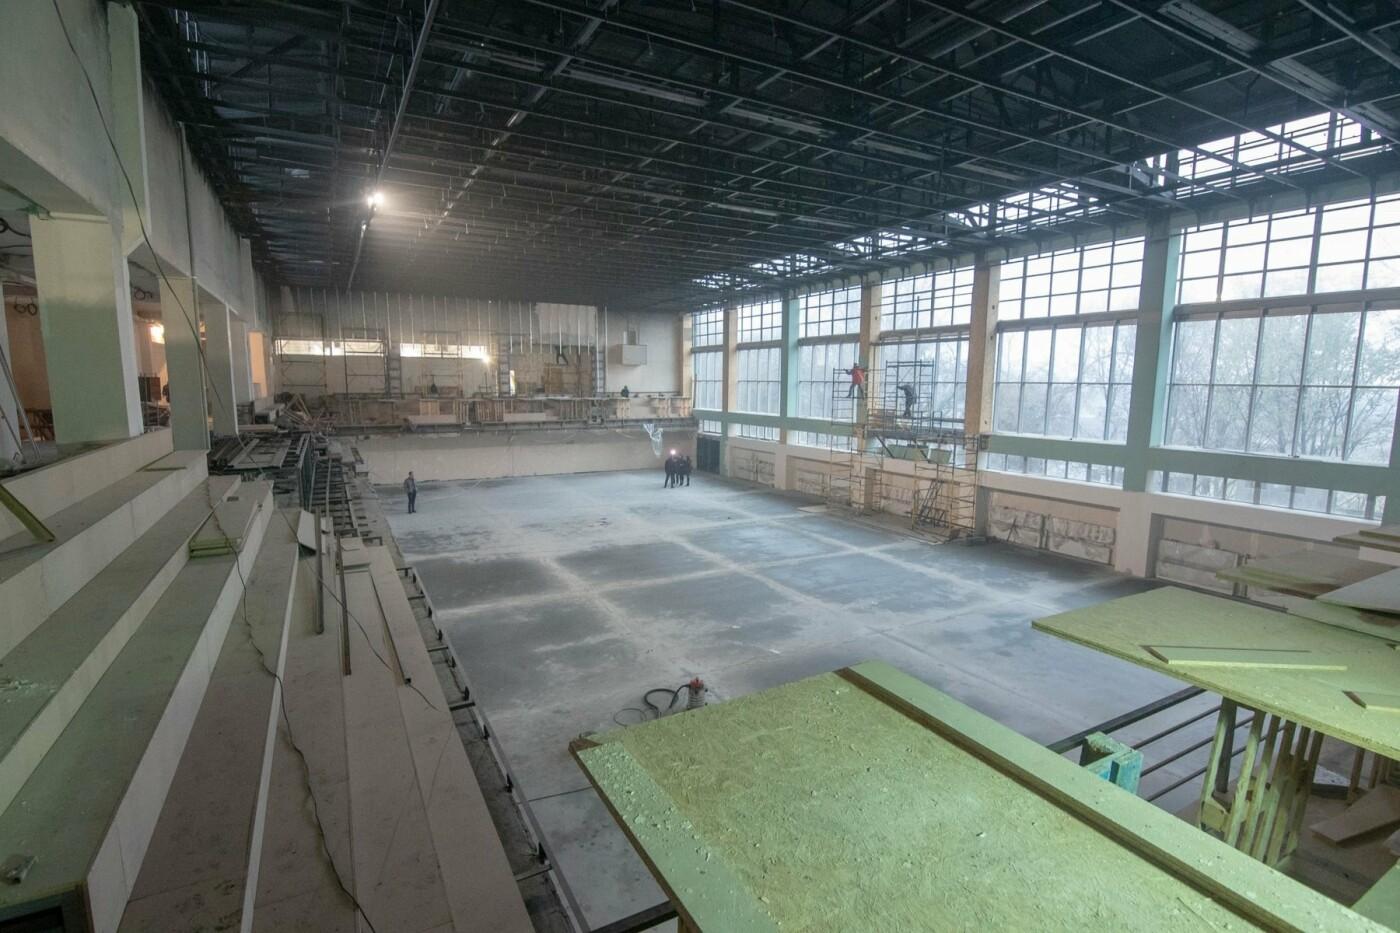 Обновленный Дворец тенниса в Каменском откроют уже в январе, фото-1